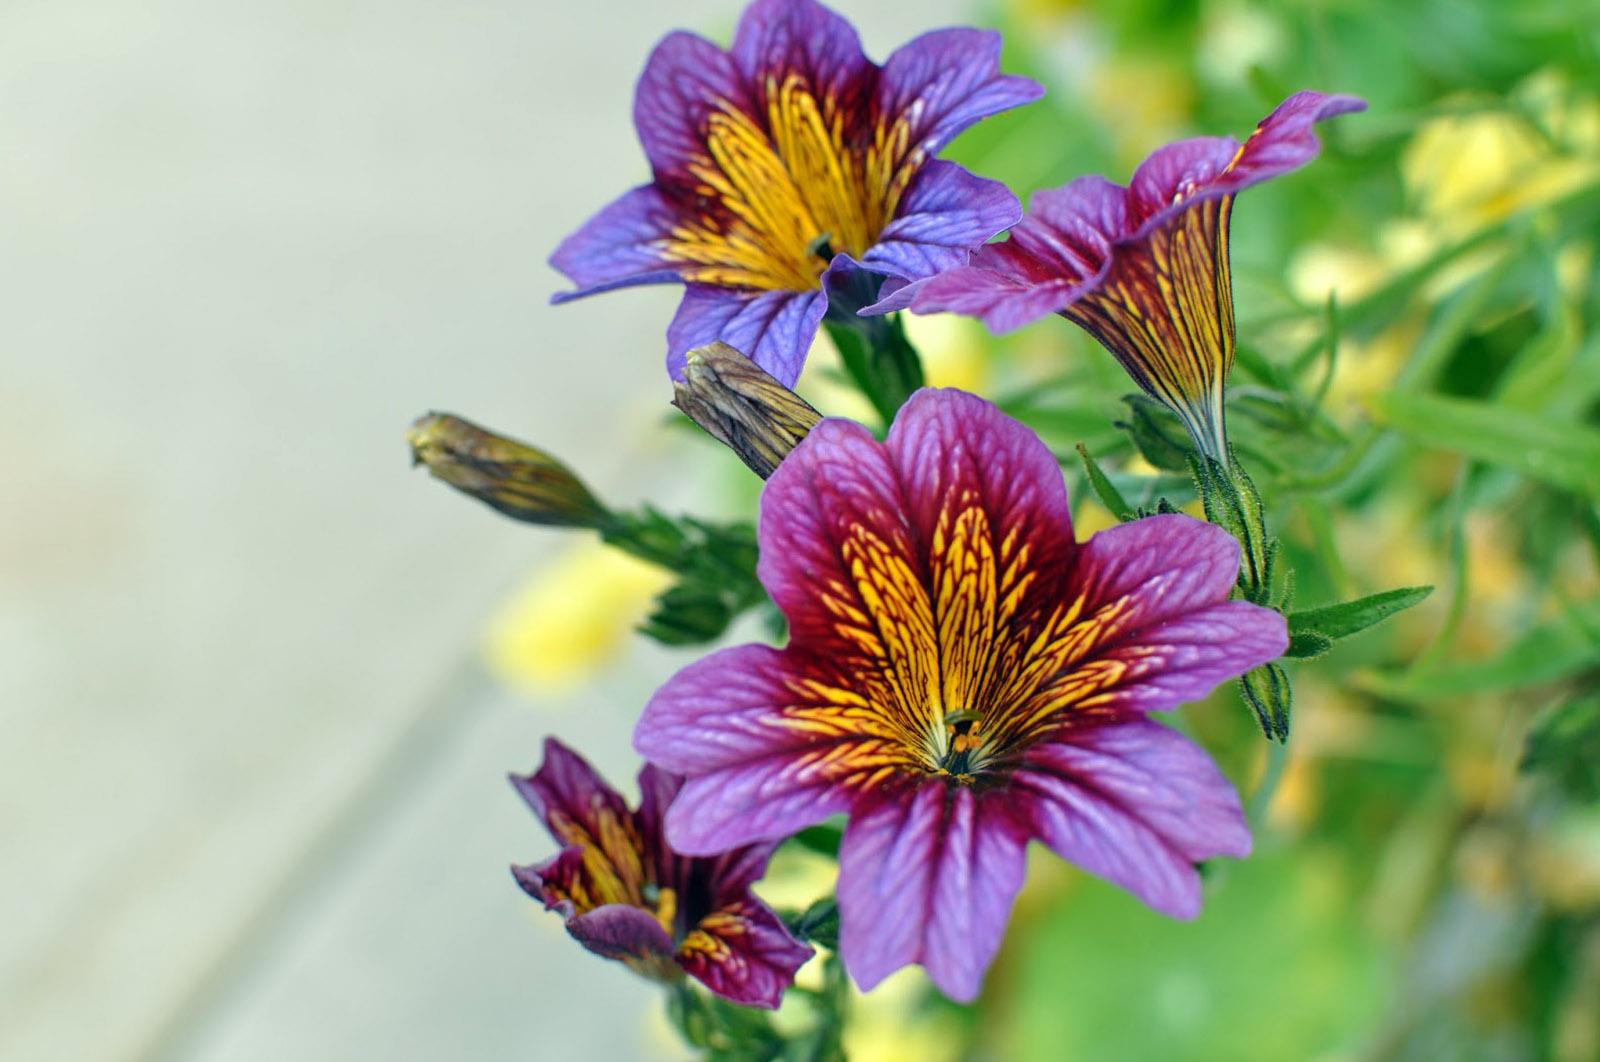 Gėlė lenktažiedis trimičius